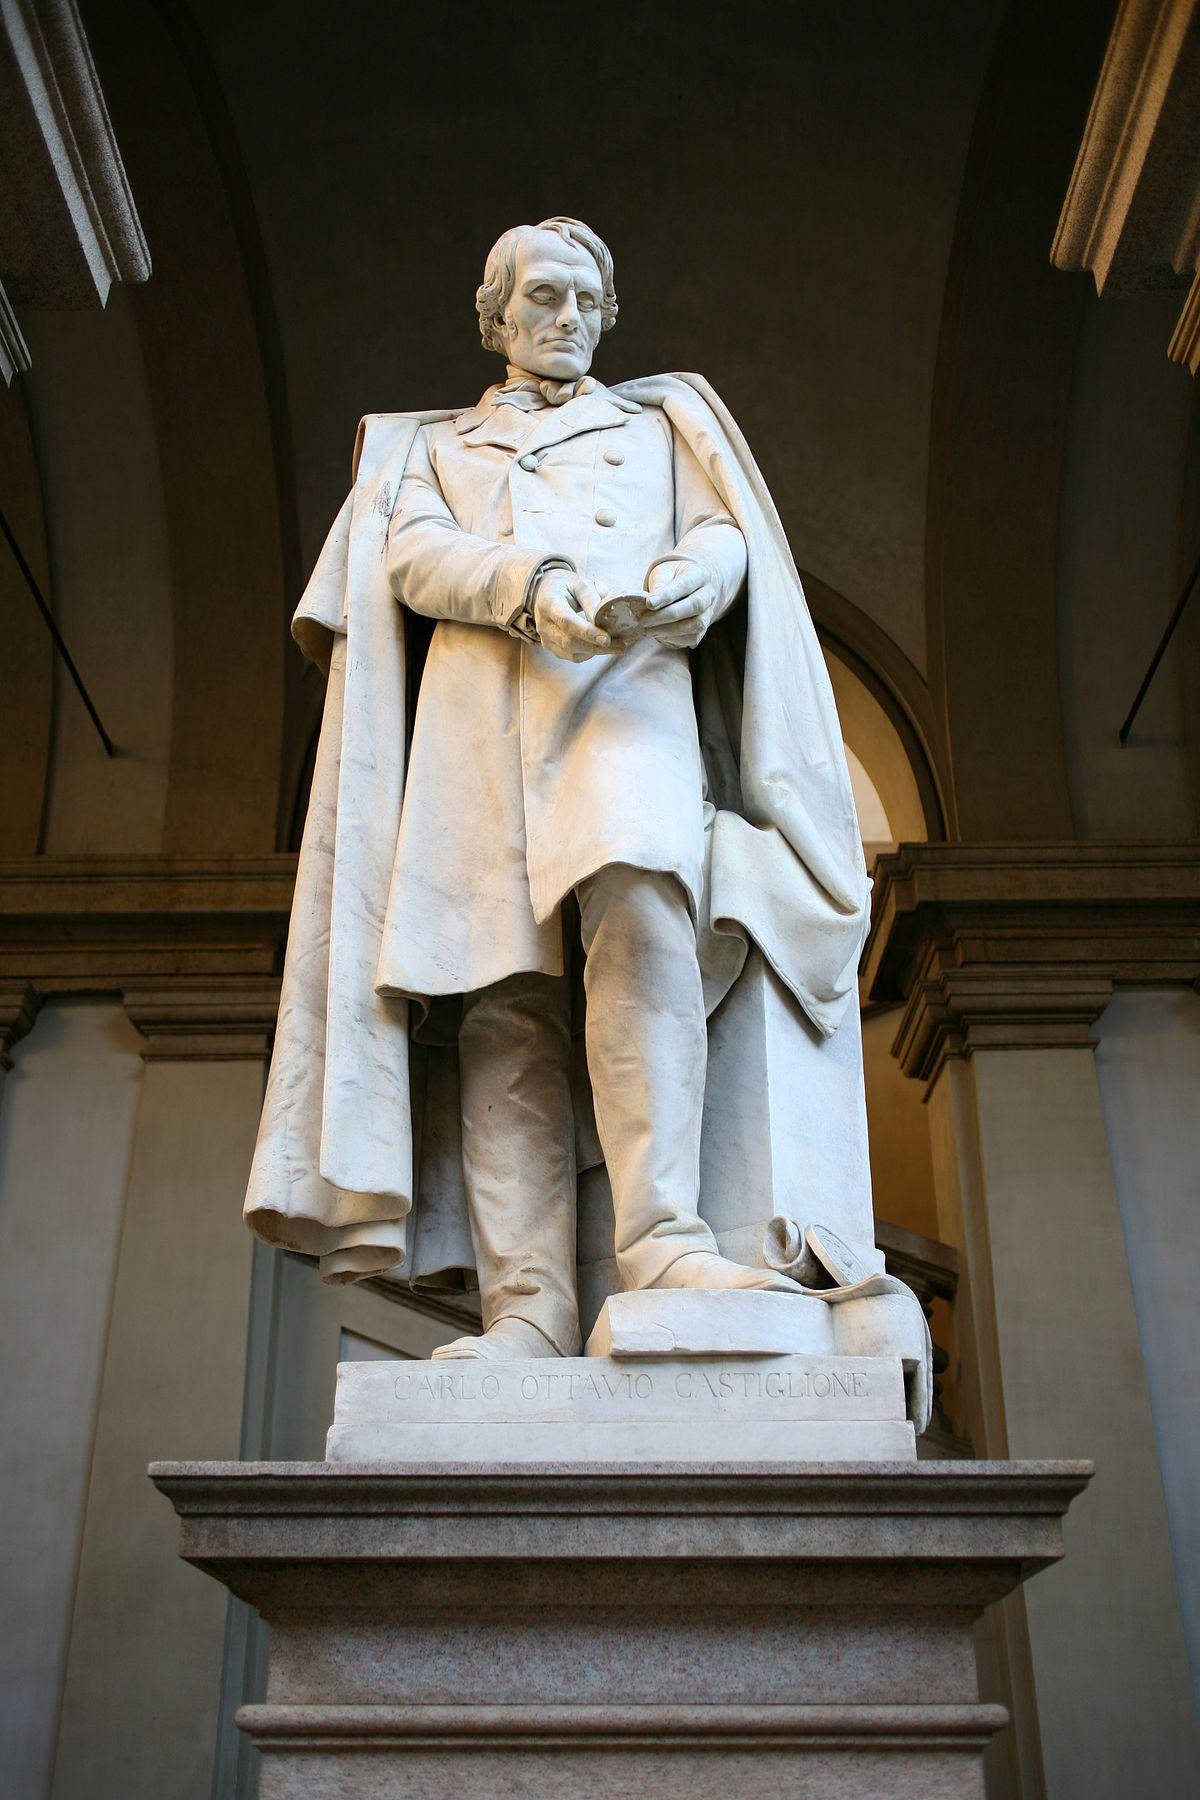 Monument to carlo ottavio castiglioni milan wikidata for Accademia di design milano